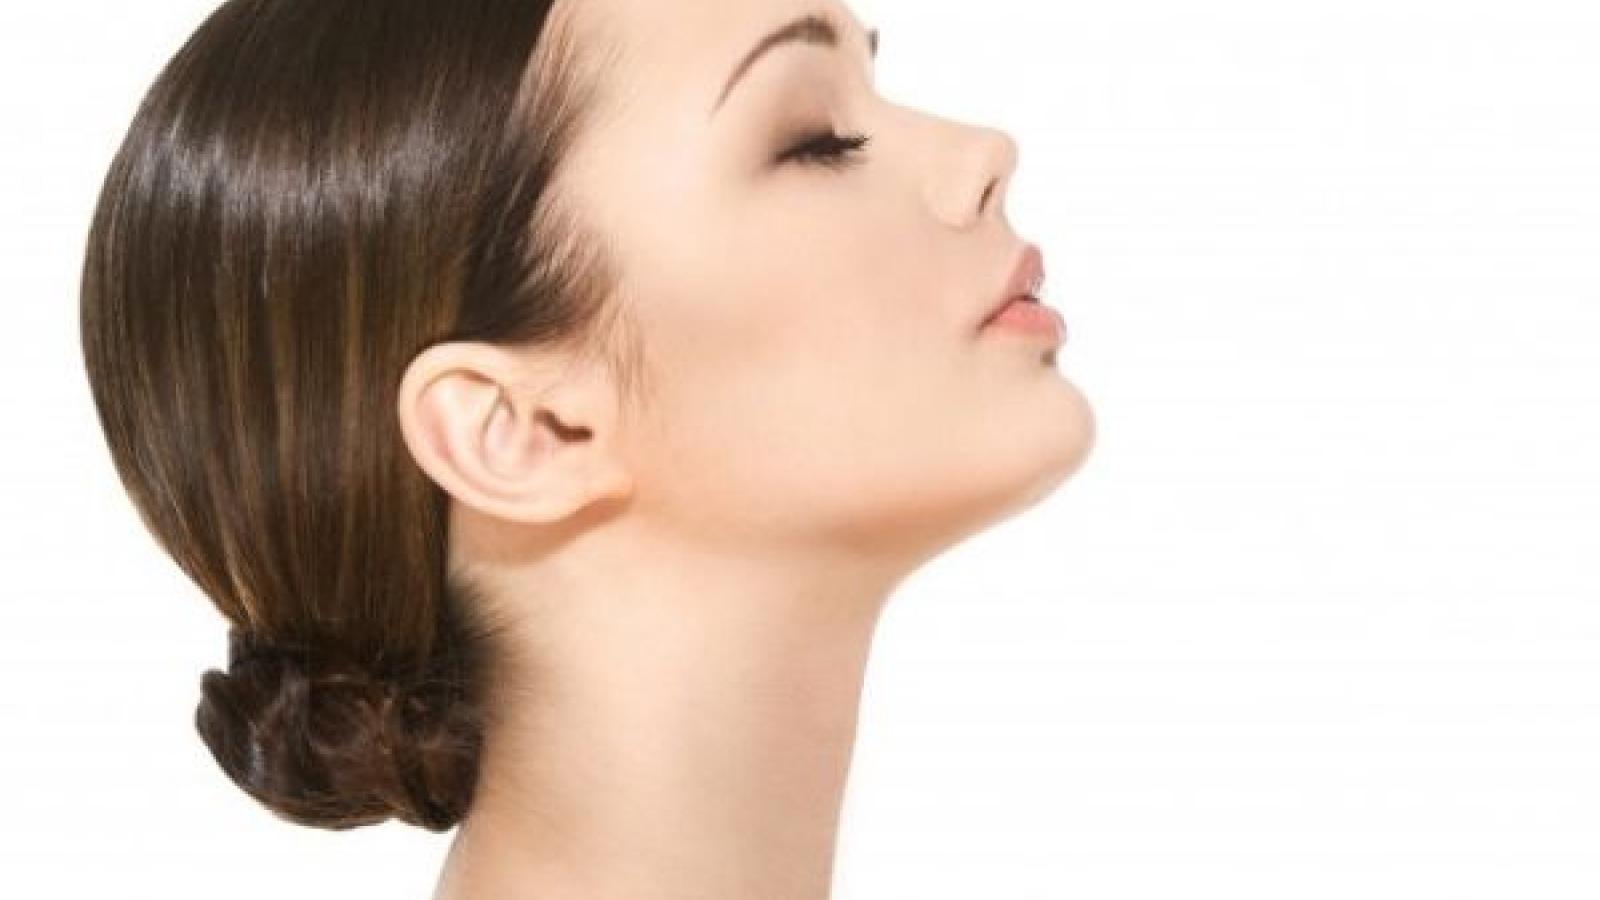 Trị mụn ở vùng quai hàm với 5 mẹo cực kỳ hiệu quả